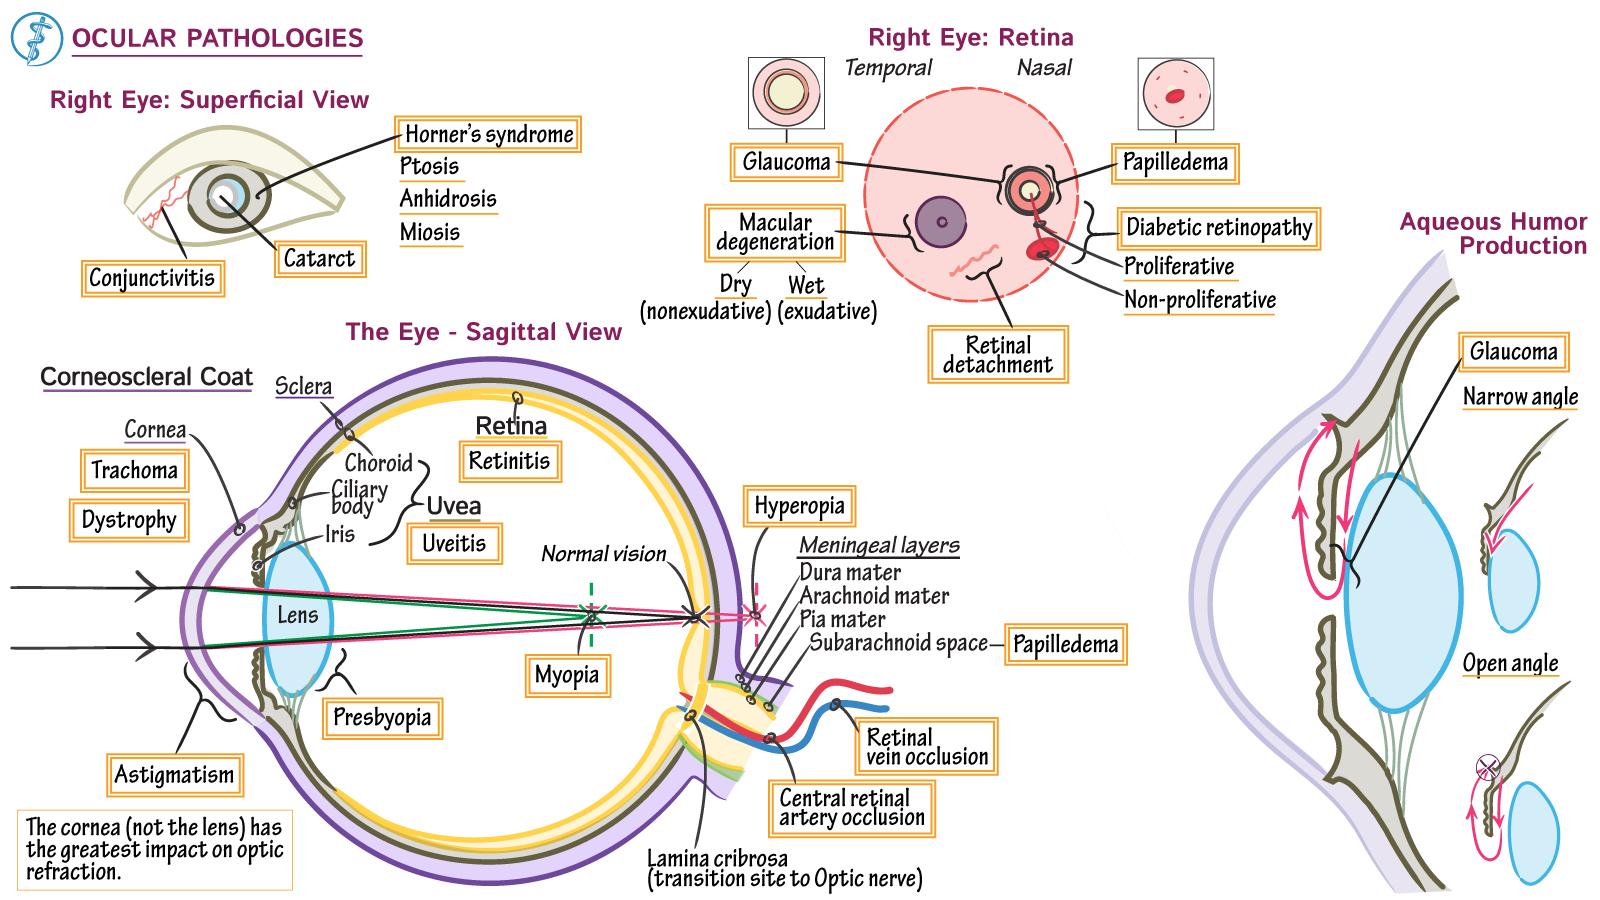 Neurosciences - CME/MOC: Ocular Pathologies | Draw It to Know It